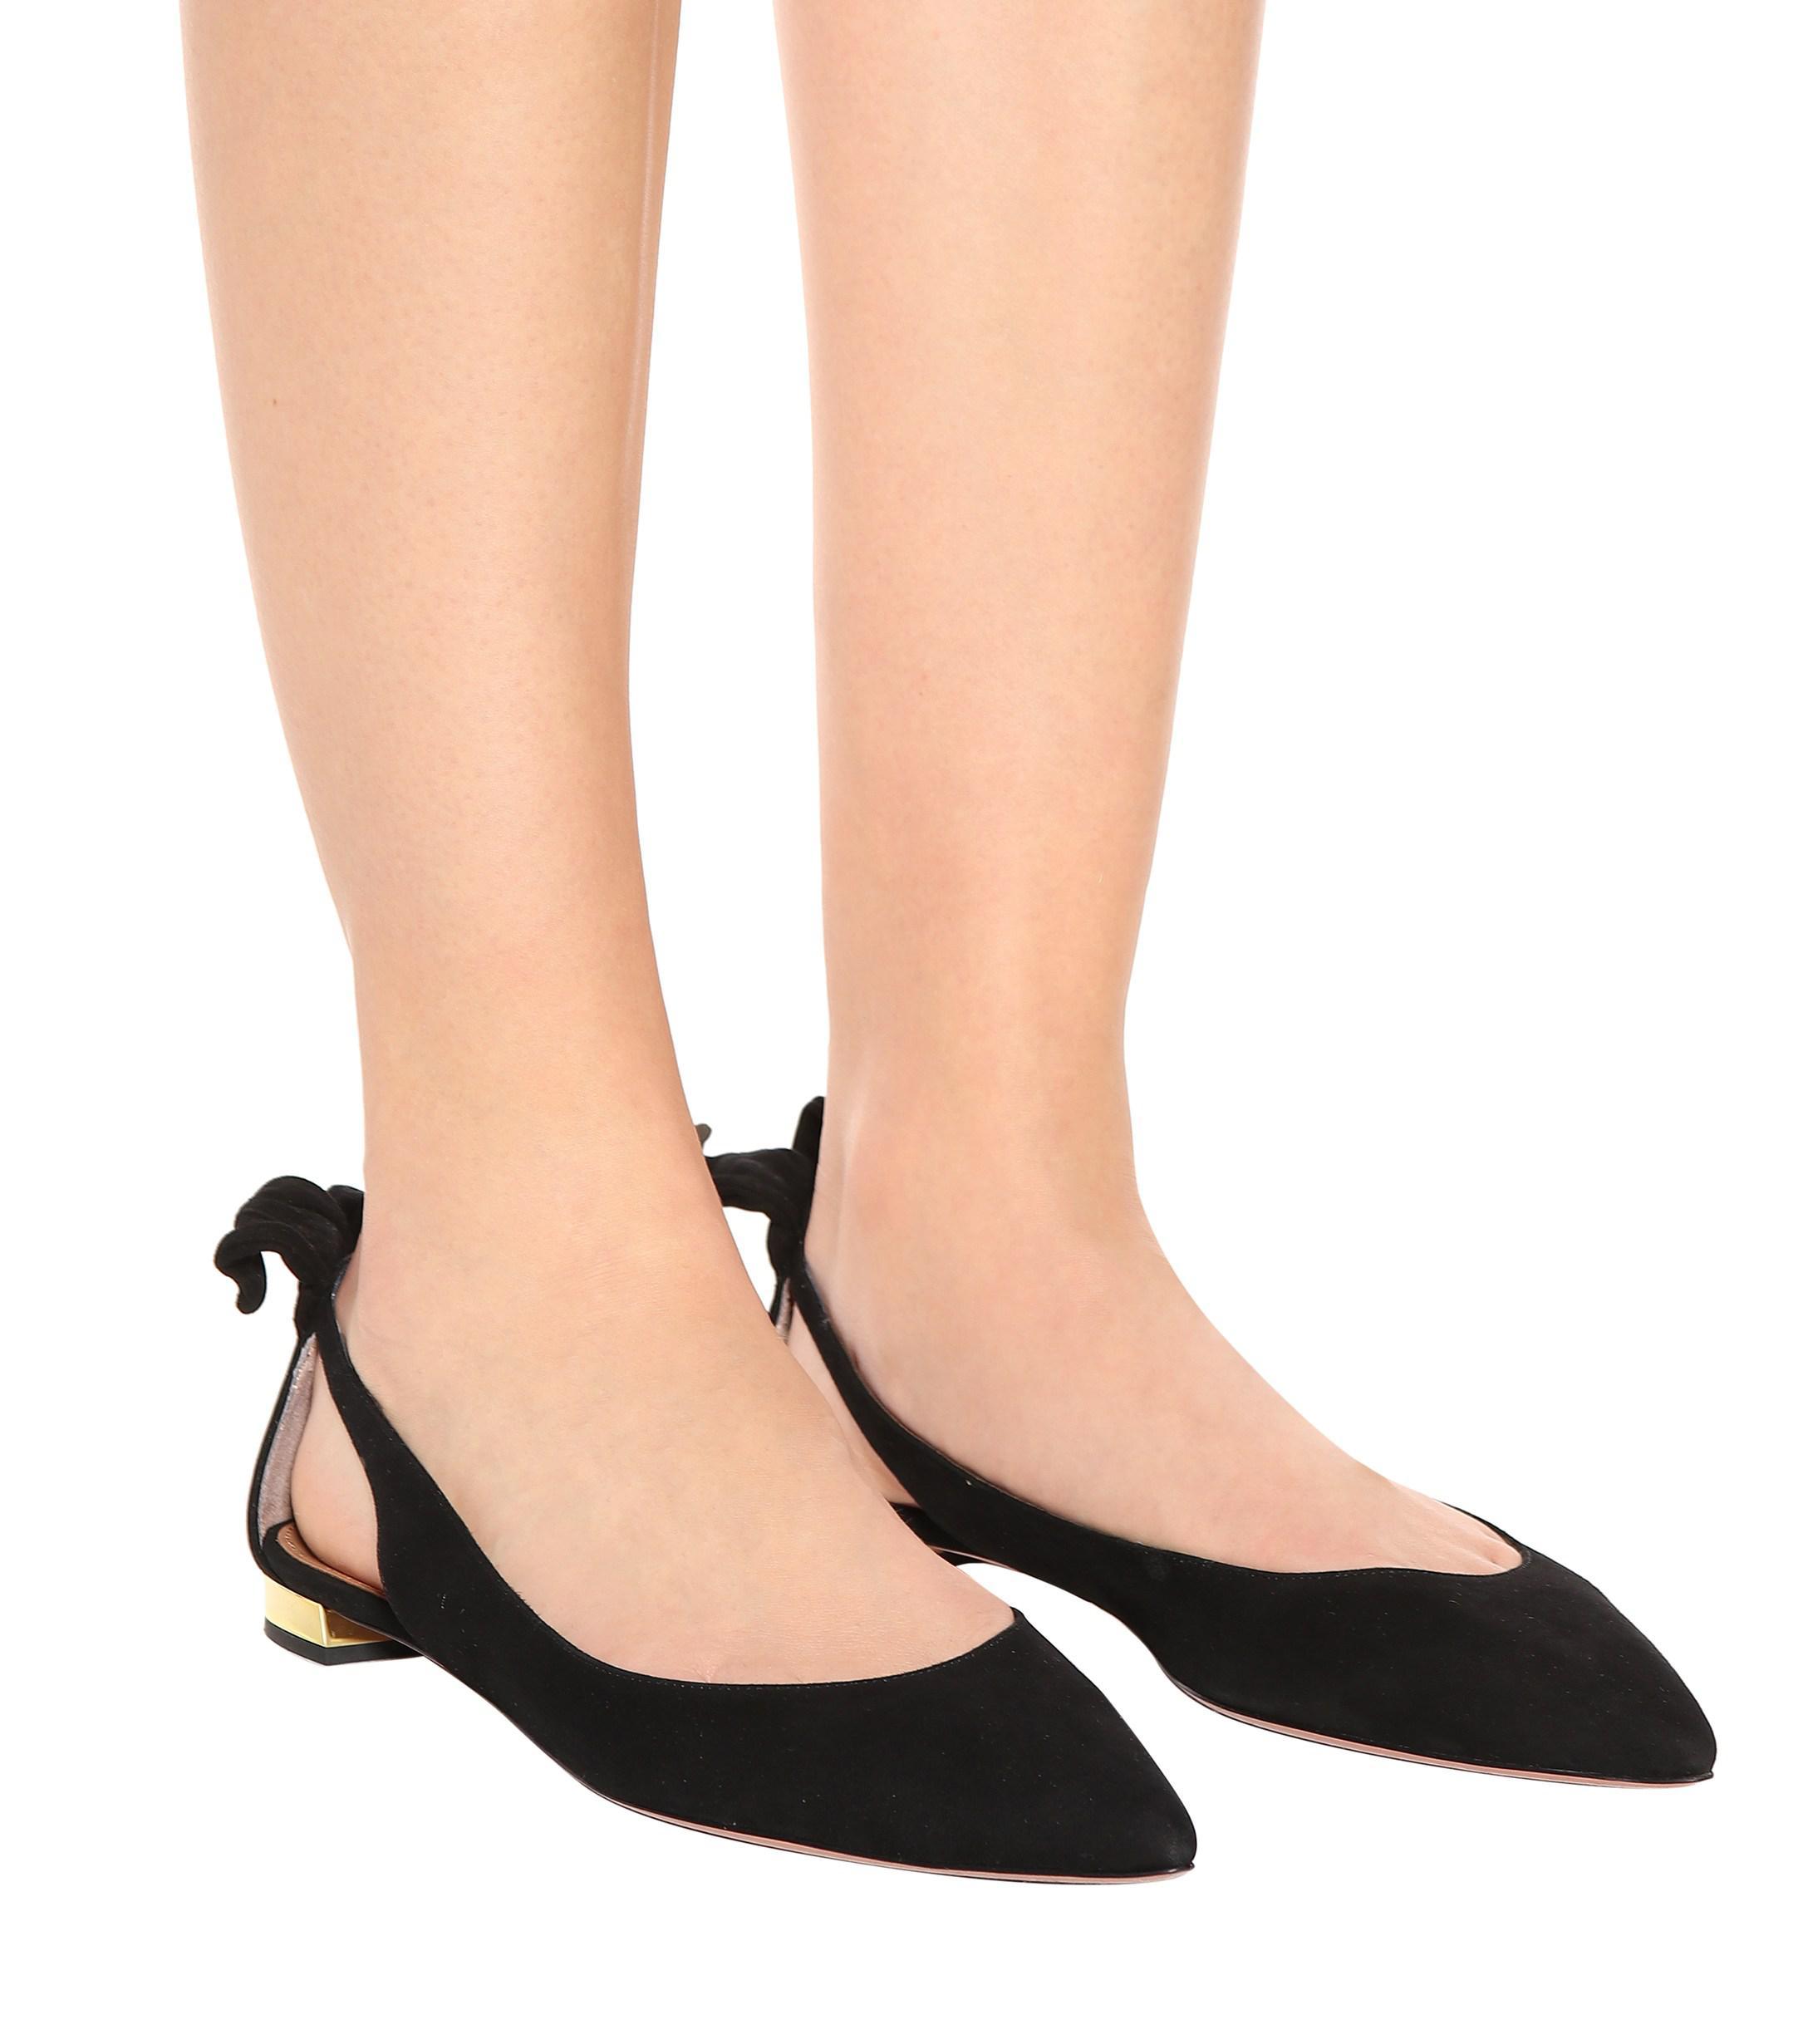 Aquazzura Bow Tie Suede Ballet Flats in